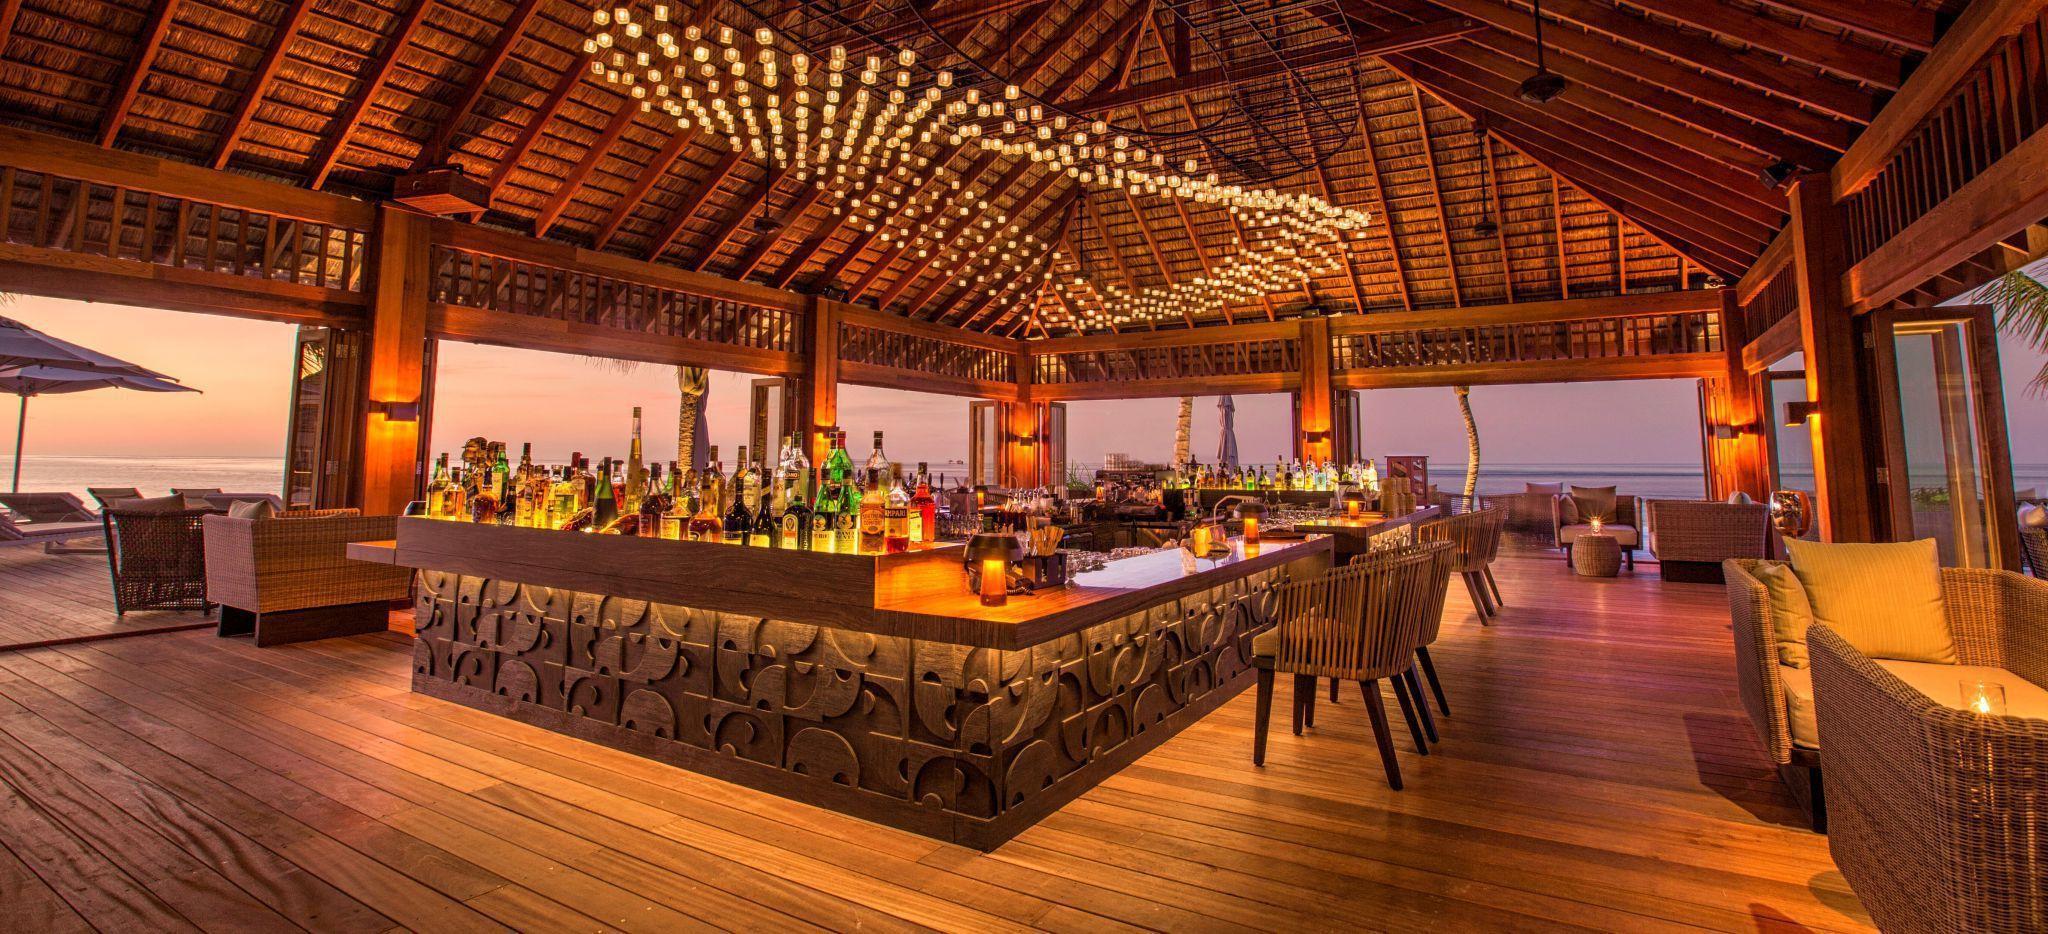 Eine ganz aus Holz gefehrtigte Bar auf Stelzen in der Lagune einer Maldiveninsel, Innenansicht